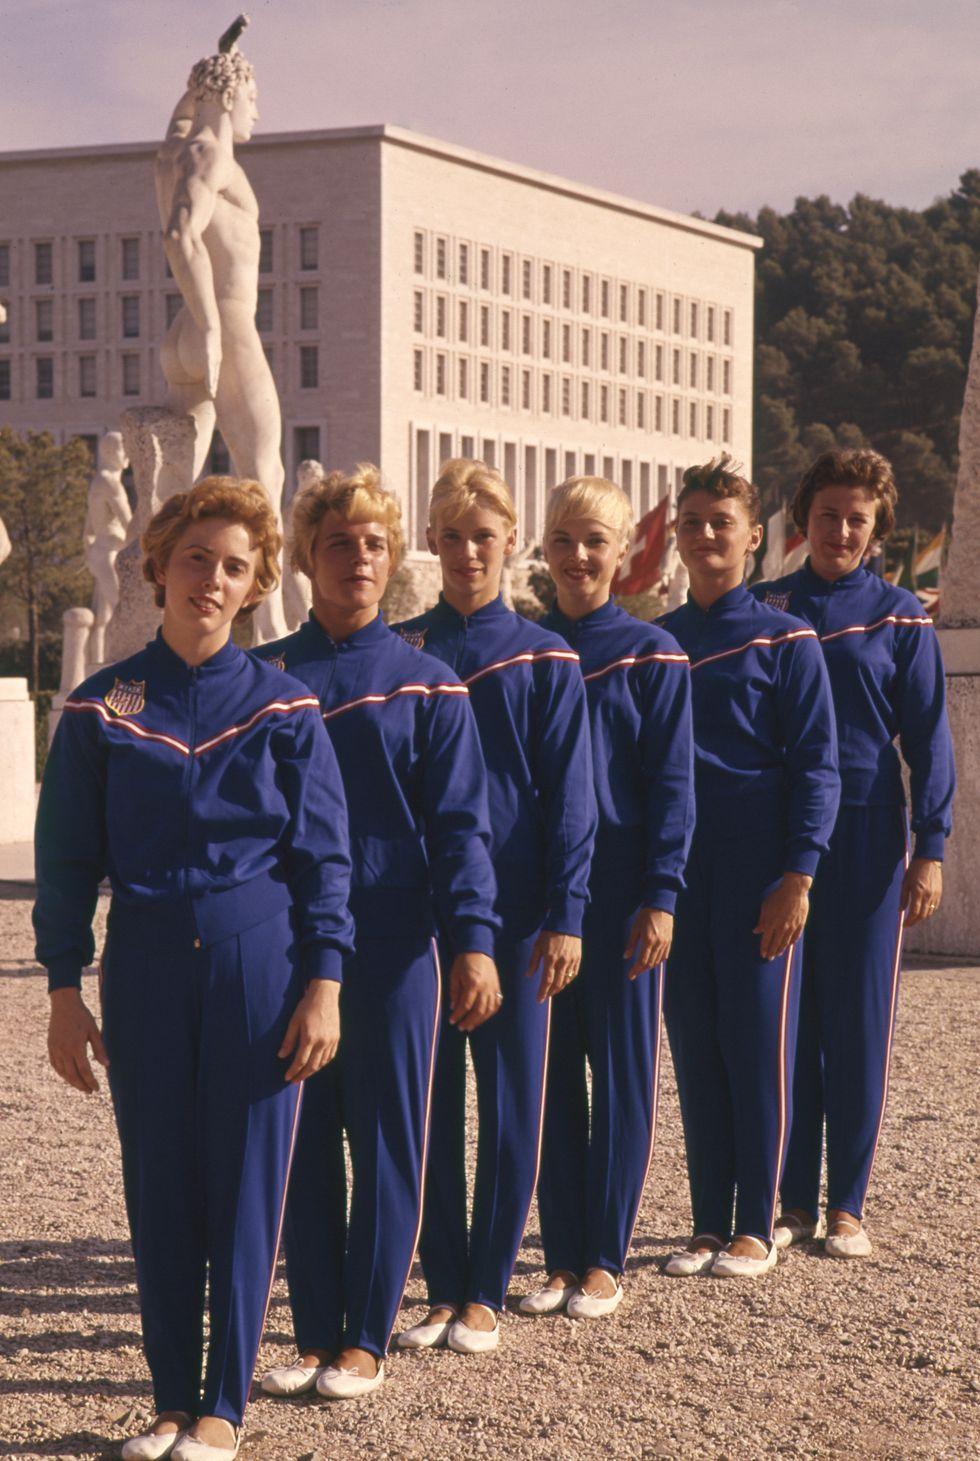 1960: Женският отбор на Америка Дамите на Америка изглеждат обединени и готови за победи в тъмносините си анцузи за пристигането в Рим, we like.